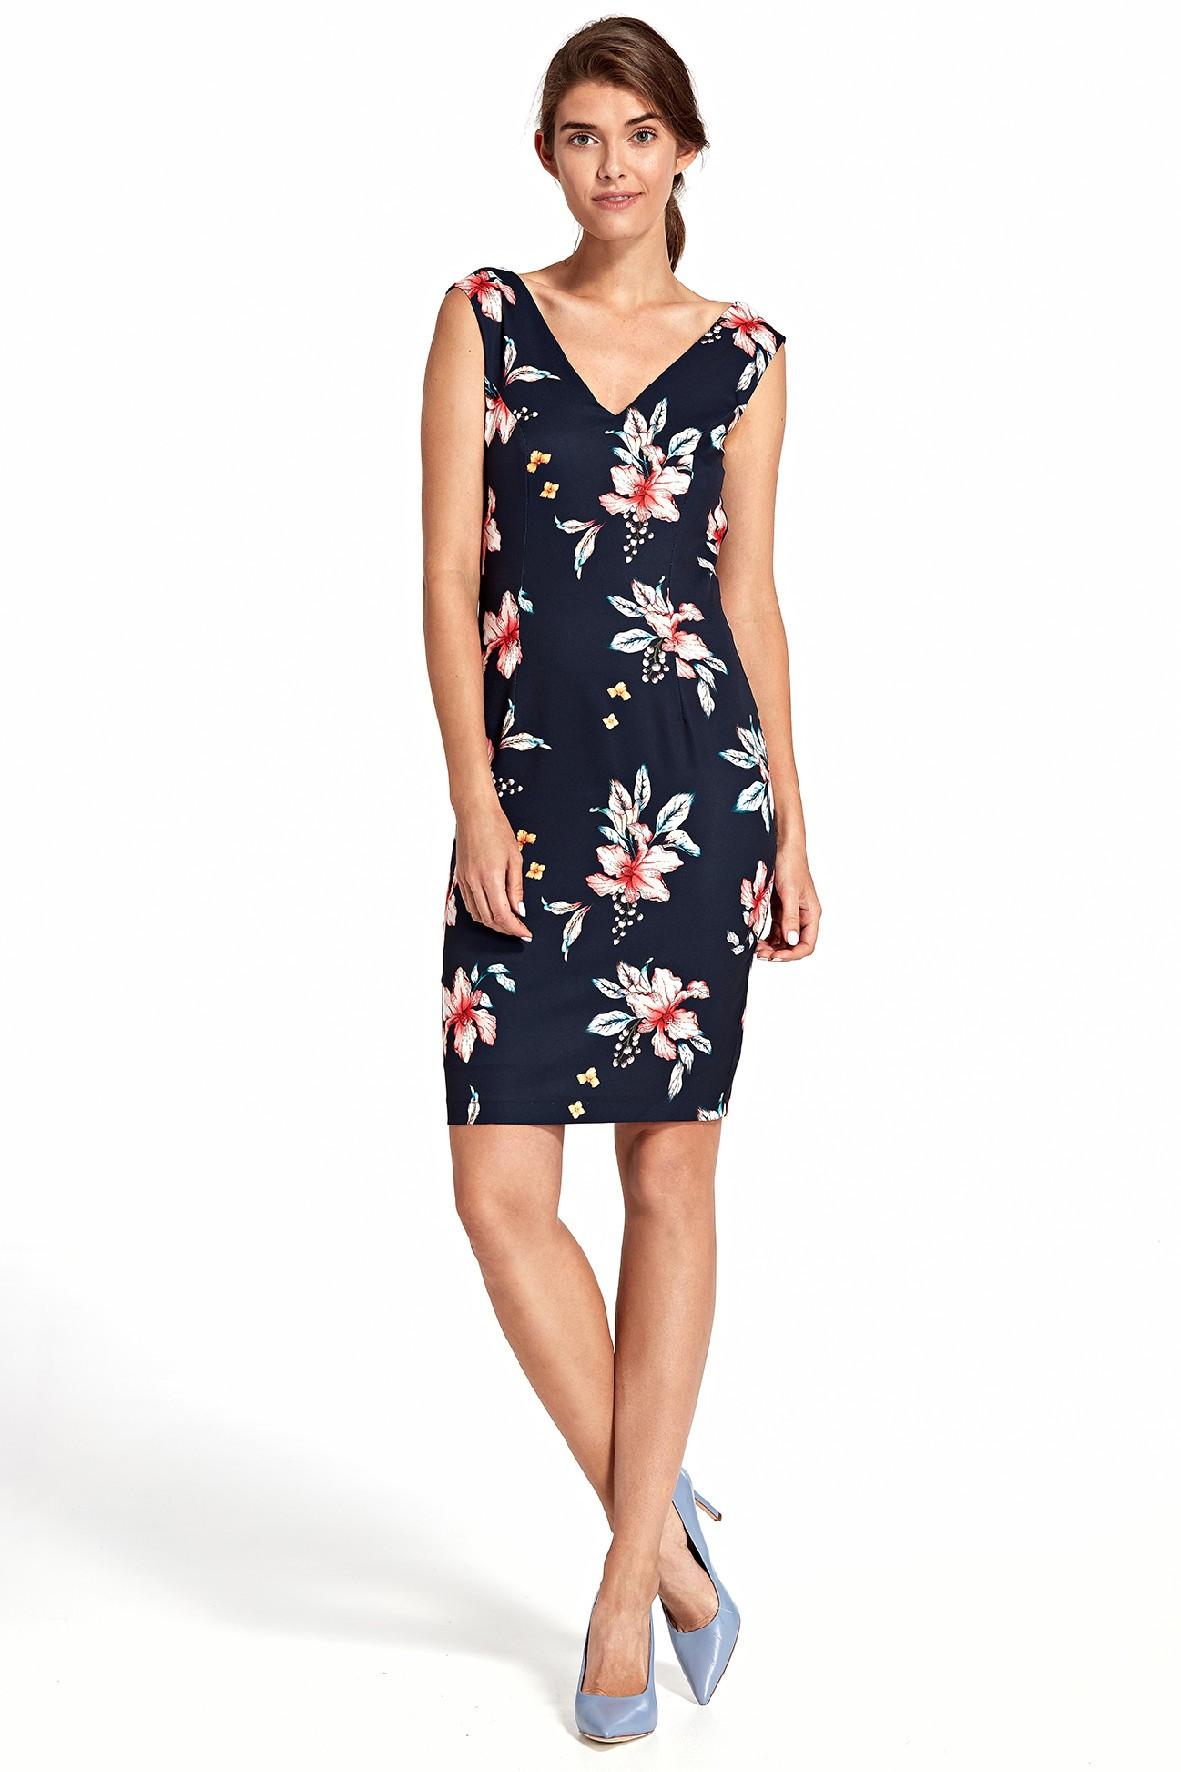 Sukienka damska z głębokim dekoltem na plecach- granatowa w kwiaty